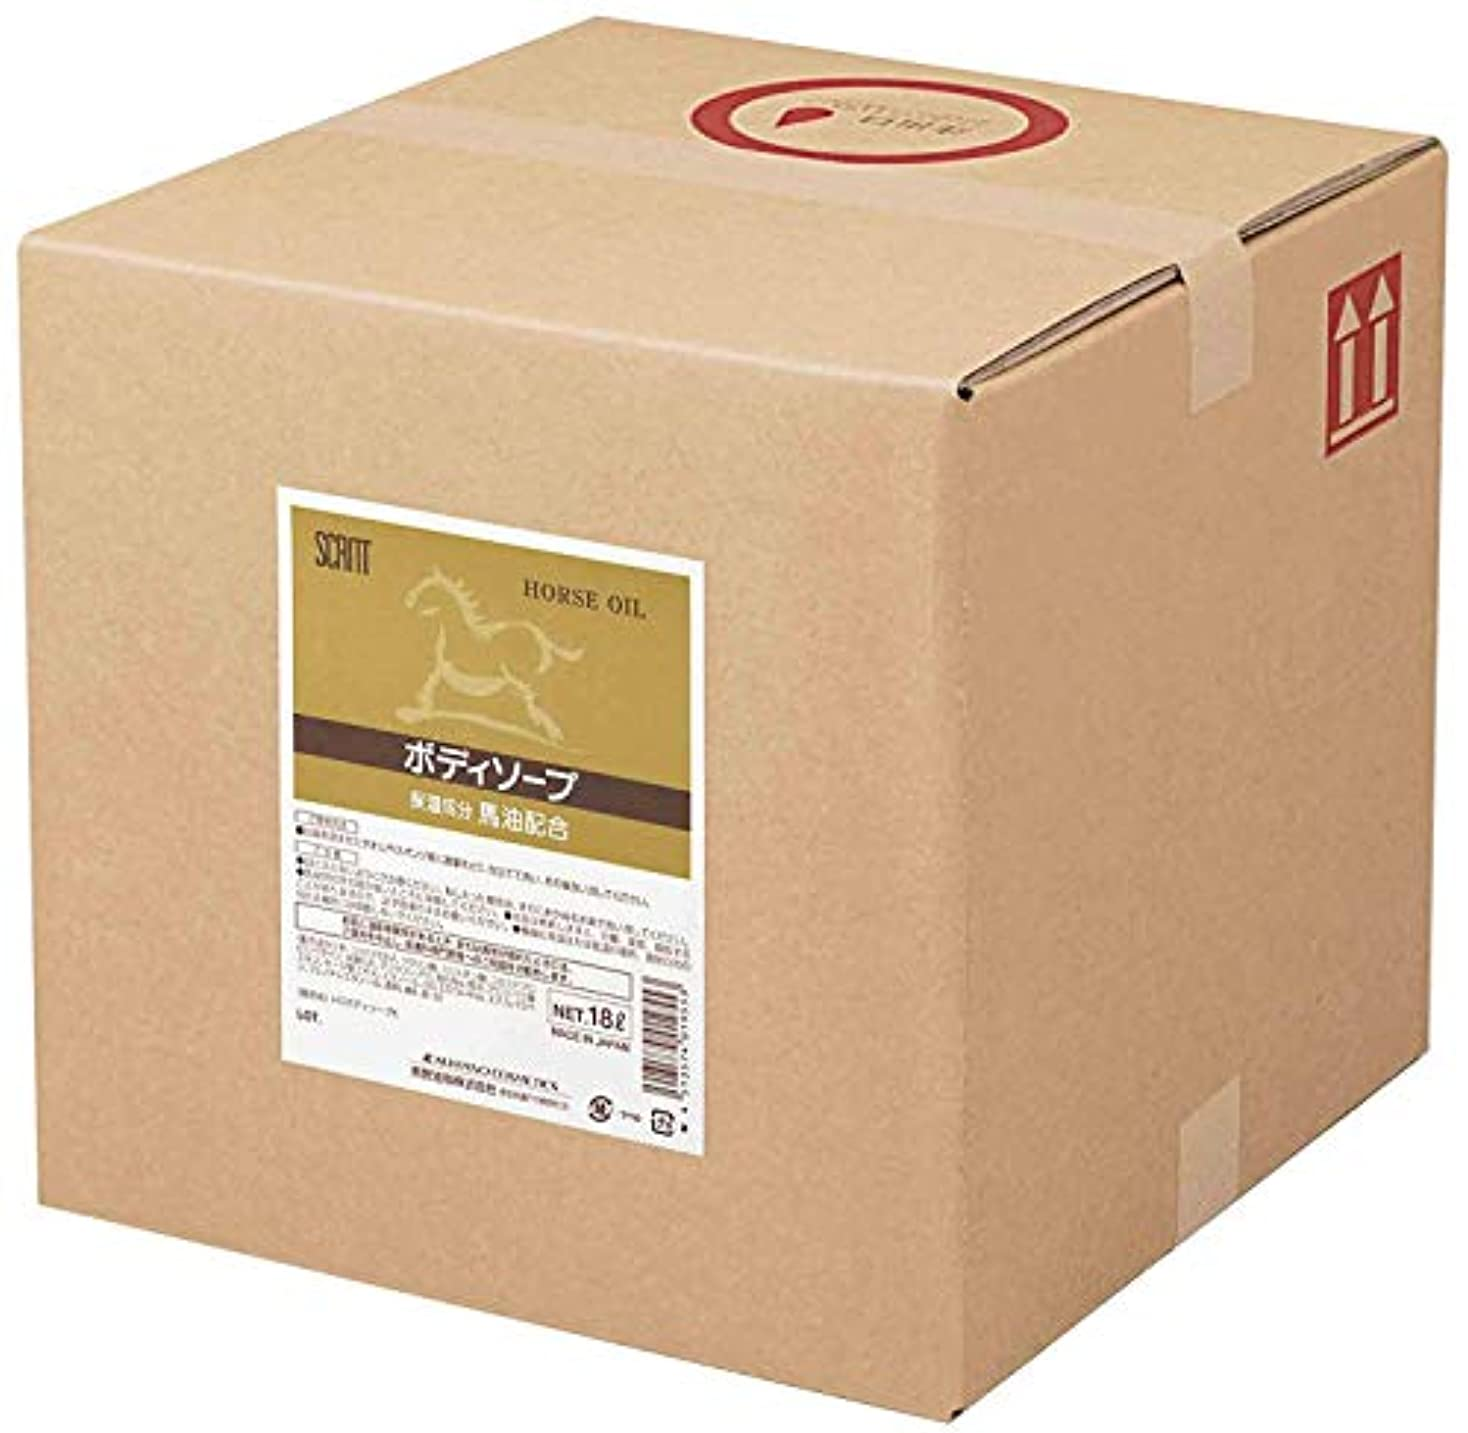 回転させる誠実設計図業務用 SCRITT(スクリット) 馬油ボディソープ 18L 熊野油脂 (コック付き)